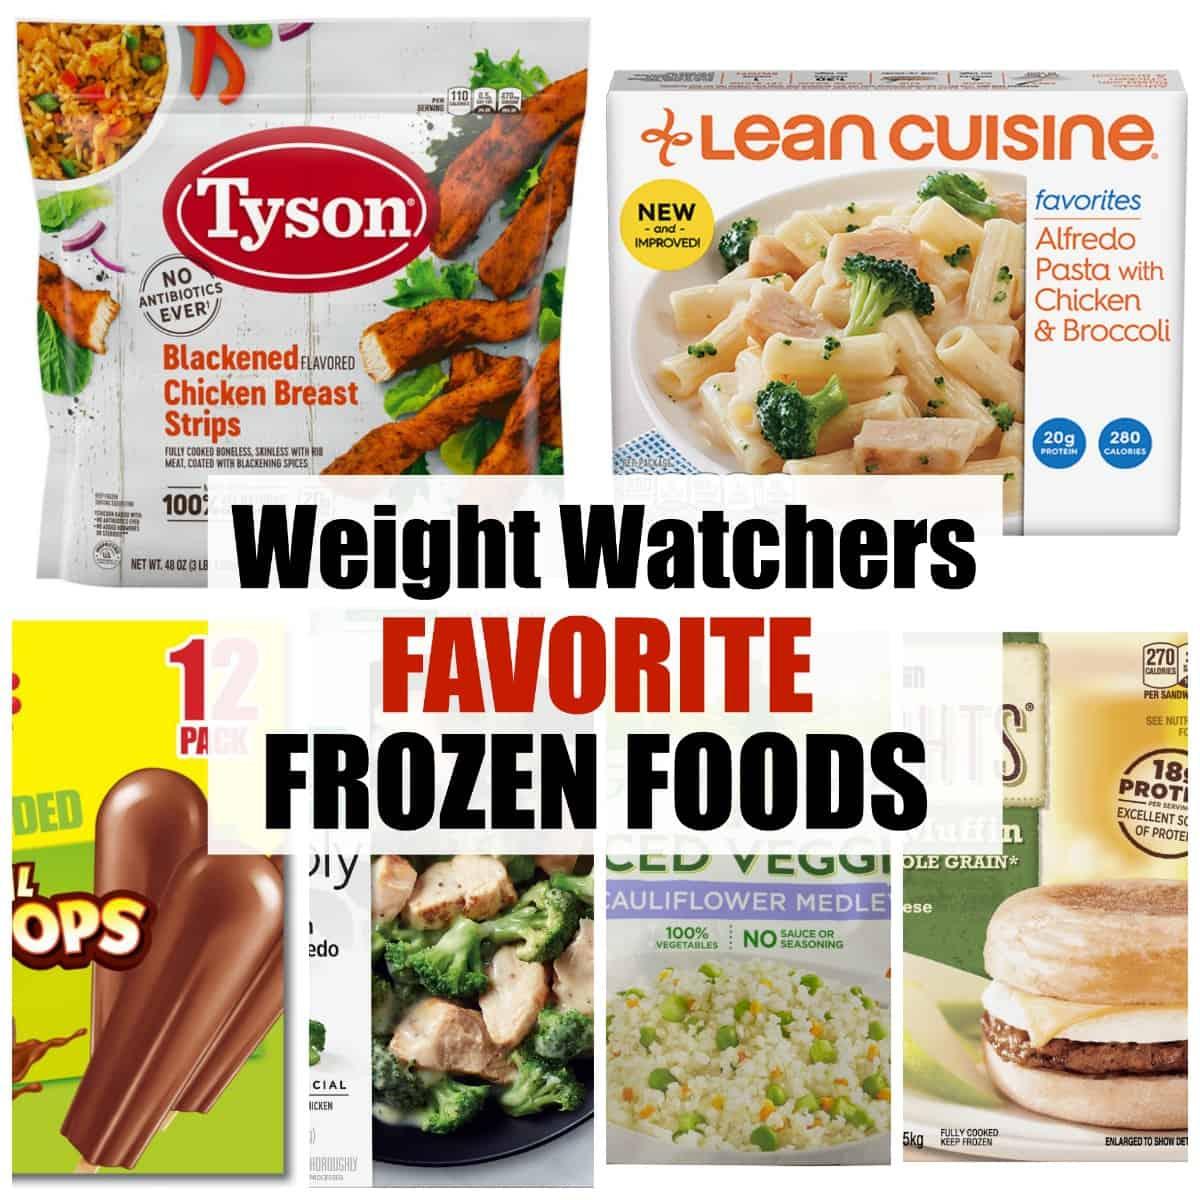 weight watchers favorite frozen foods